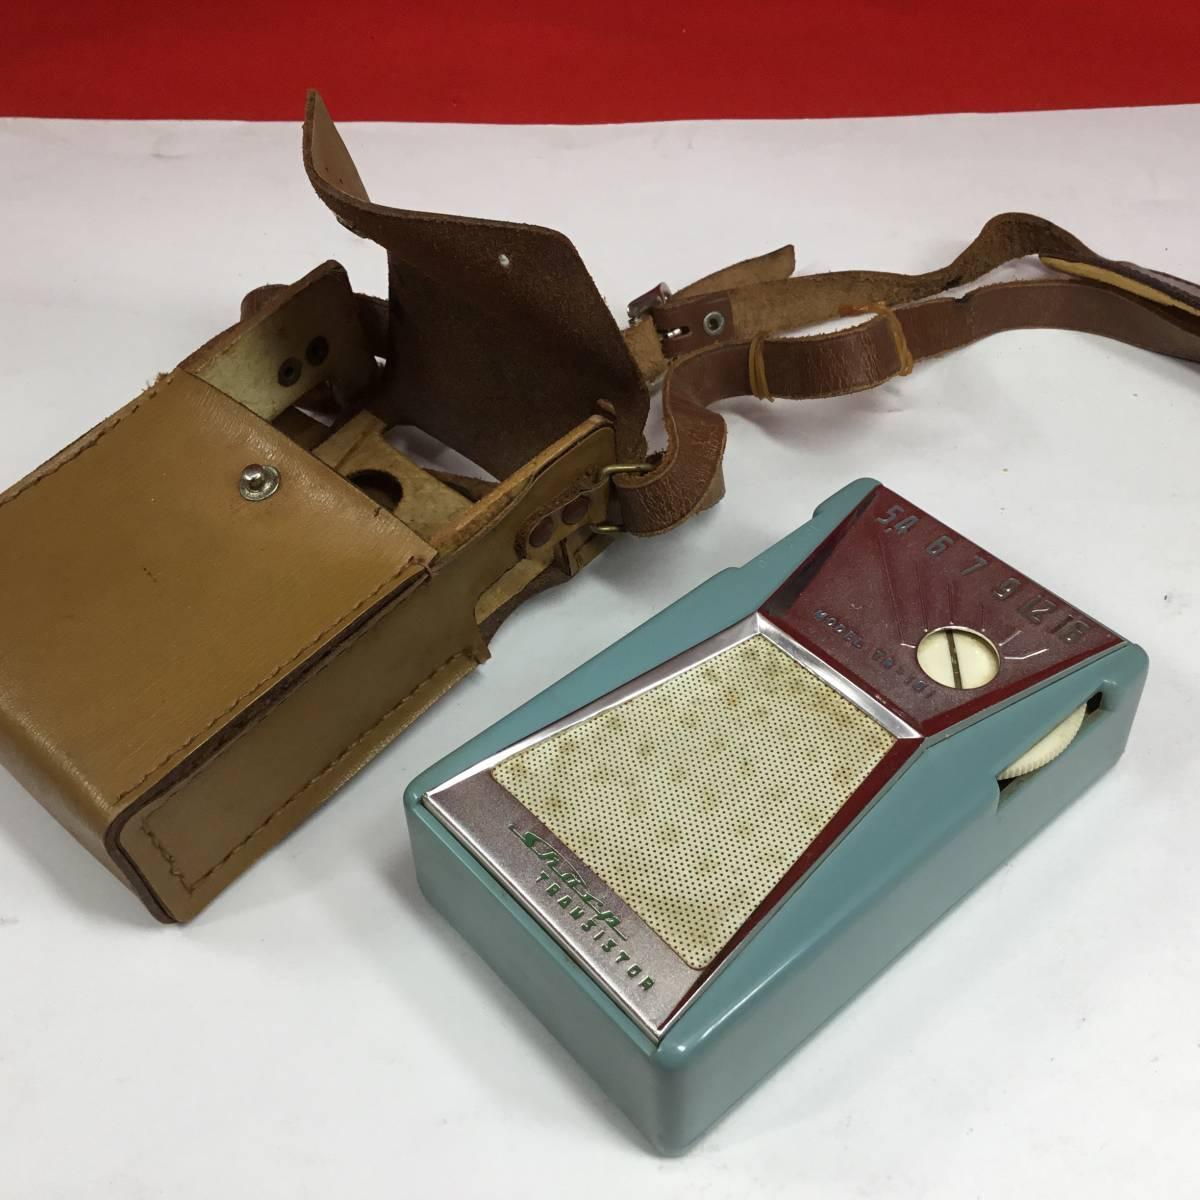 昭和 レトロ シャープ SHARP 早川電機 初期 6石 トランジスタラジオ TR-161 革カバー付き